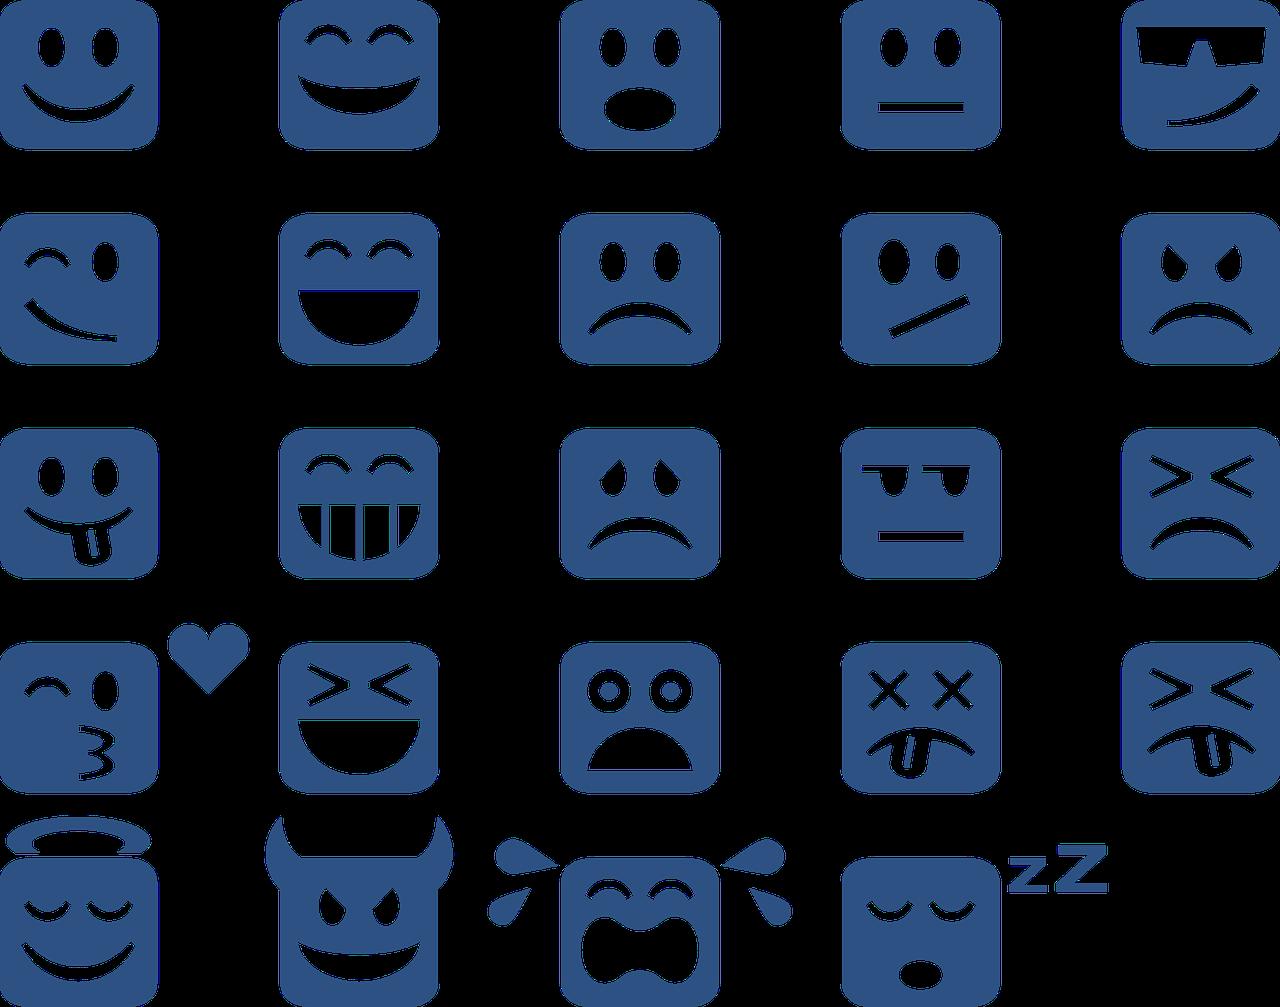 emotions-0exif